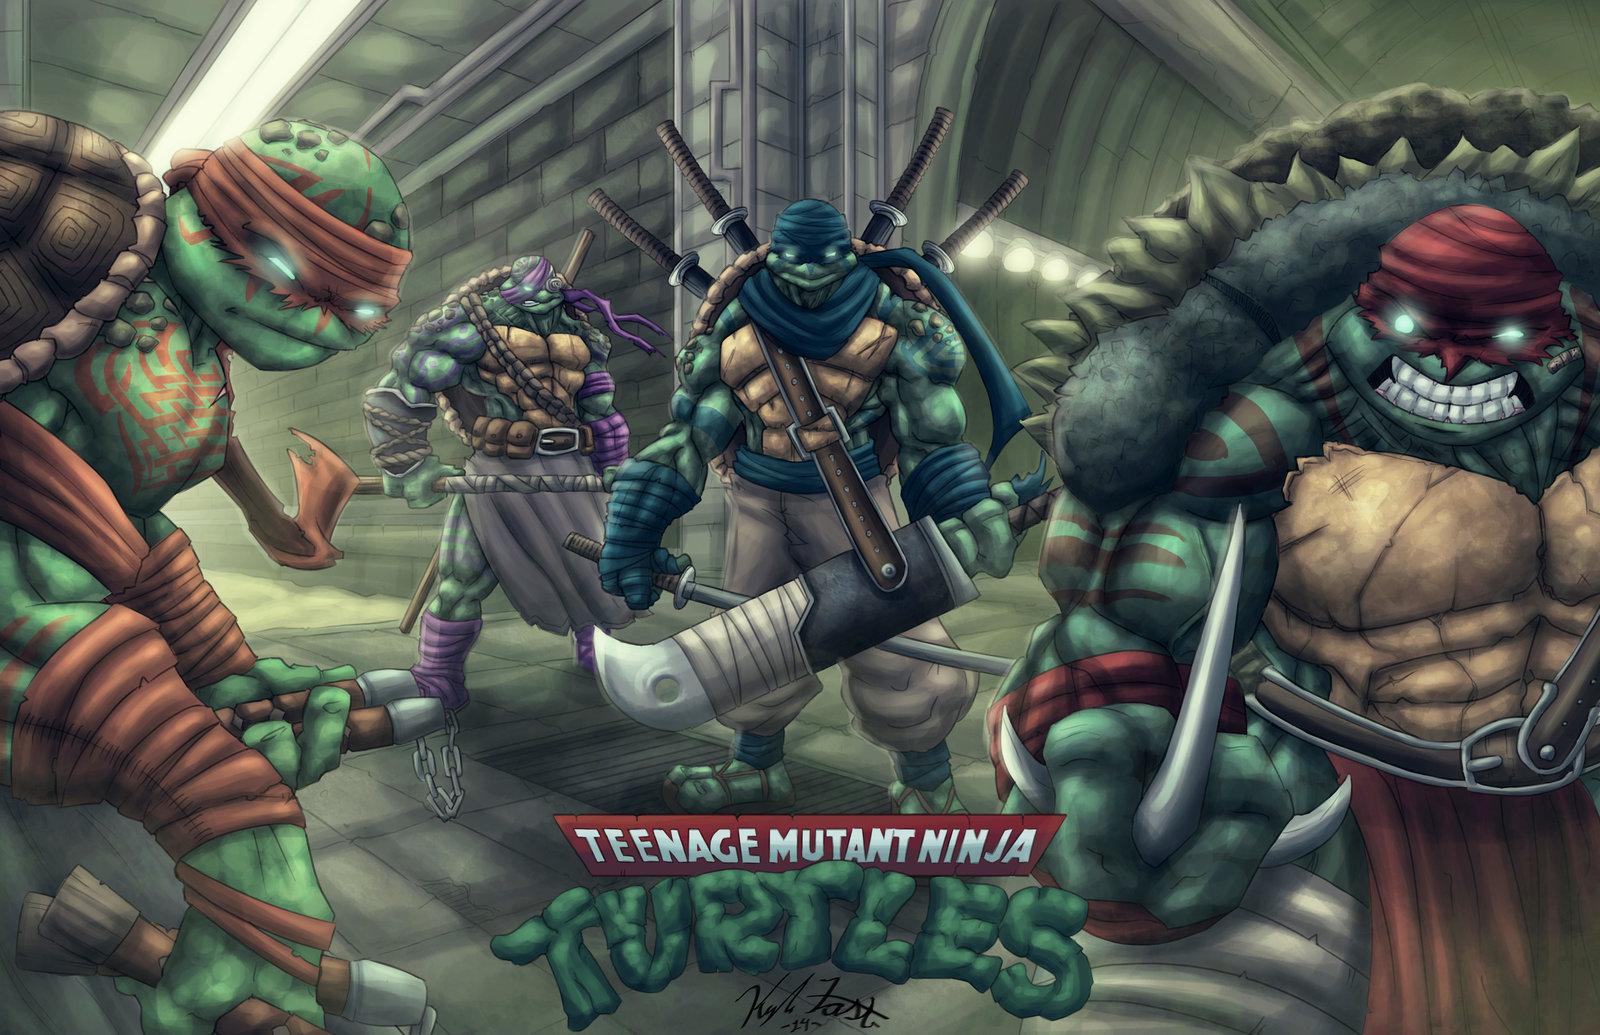 �teenage mutant ninja turtles� tmnt � a very nice